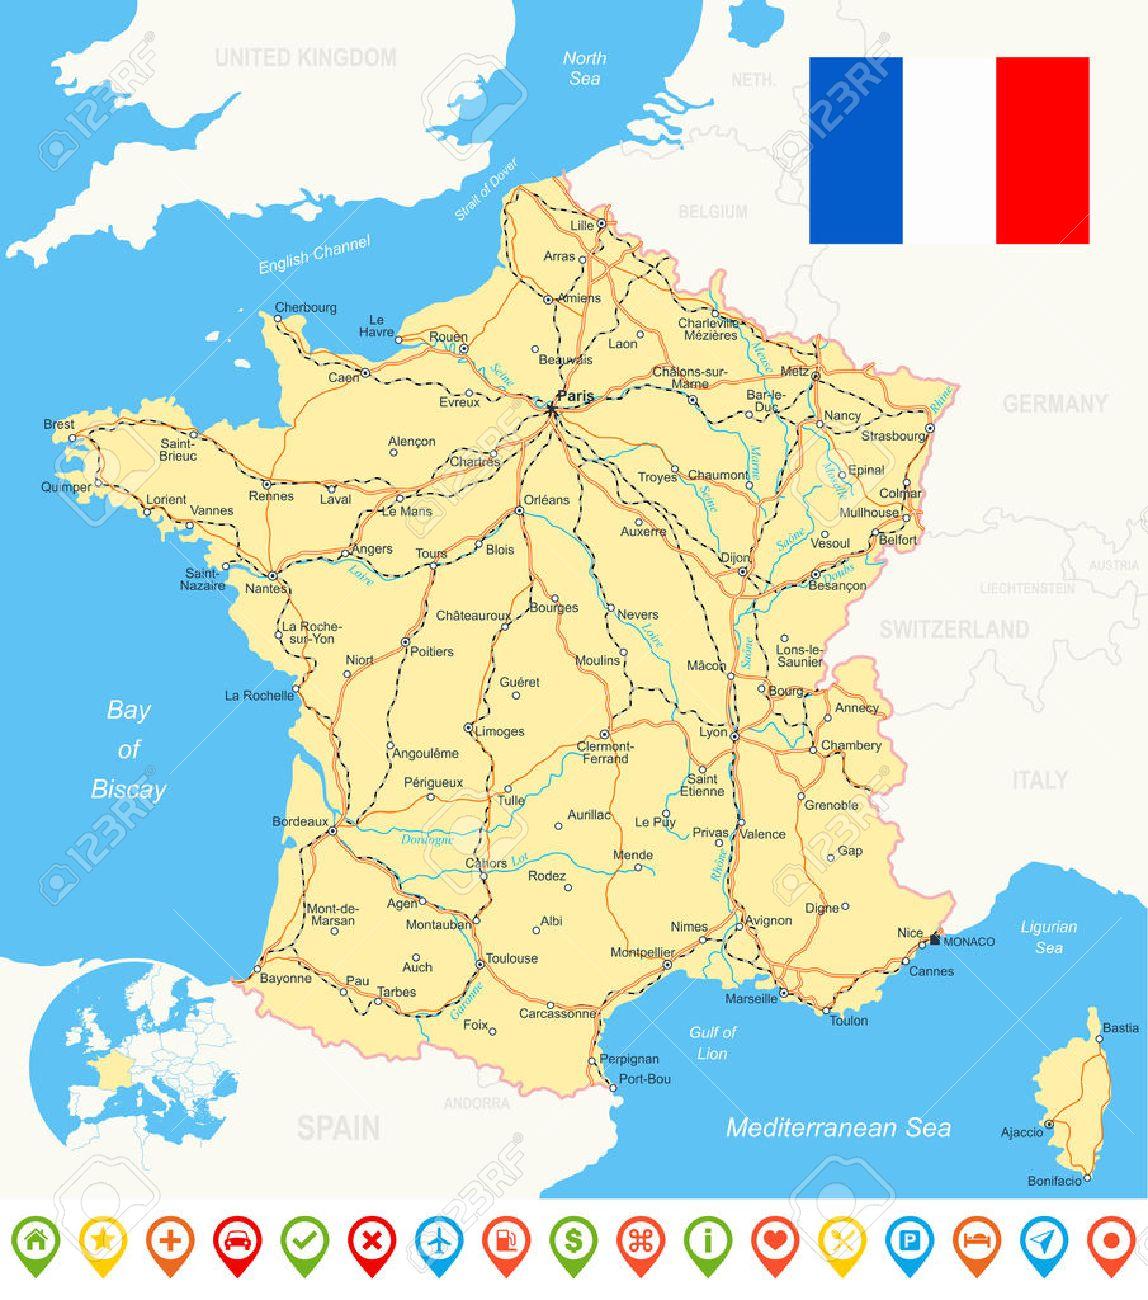 Francia Mapa Bandera Iconos De Navegacion Carreteras Rios